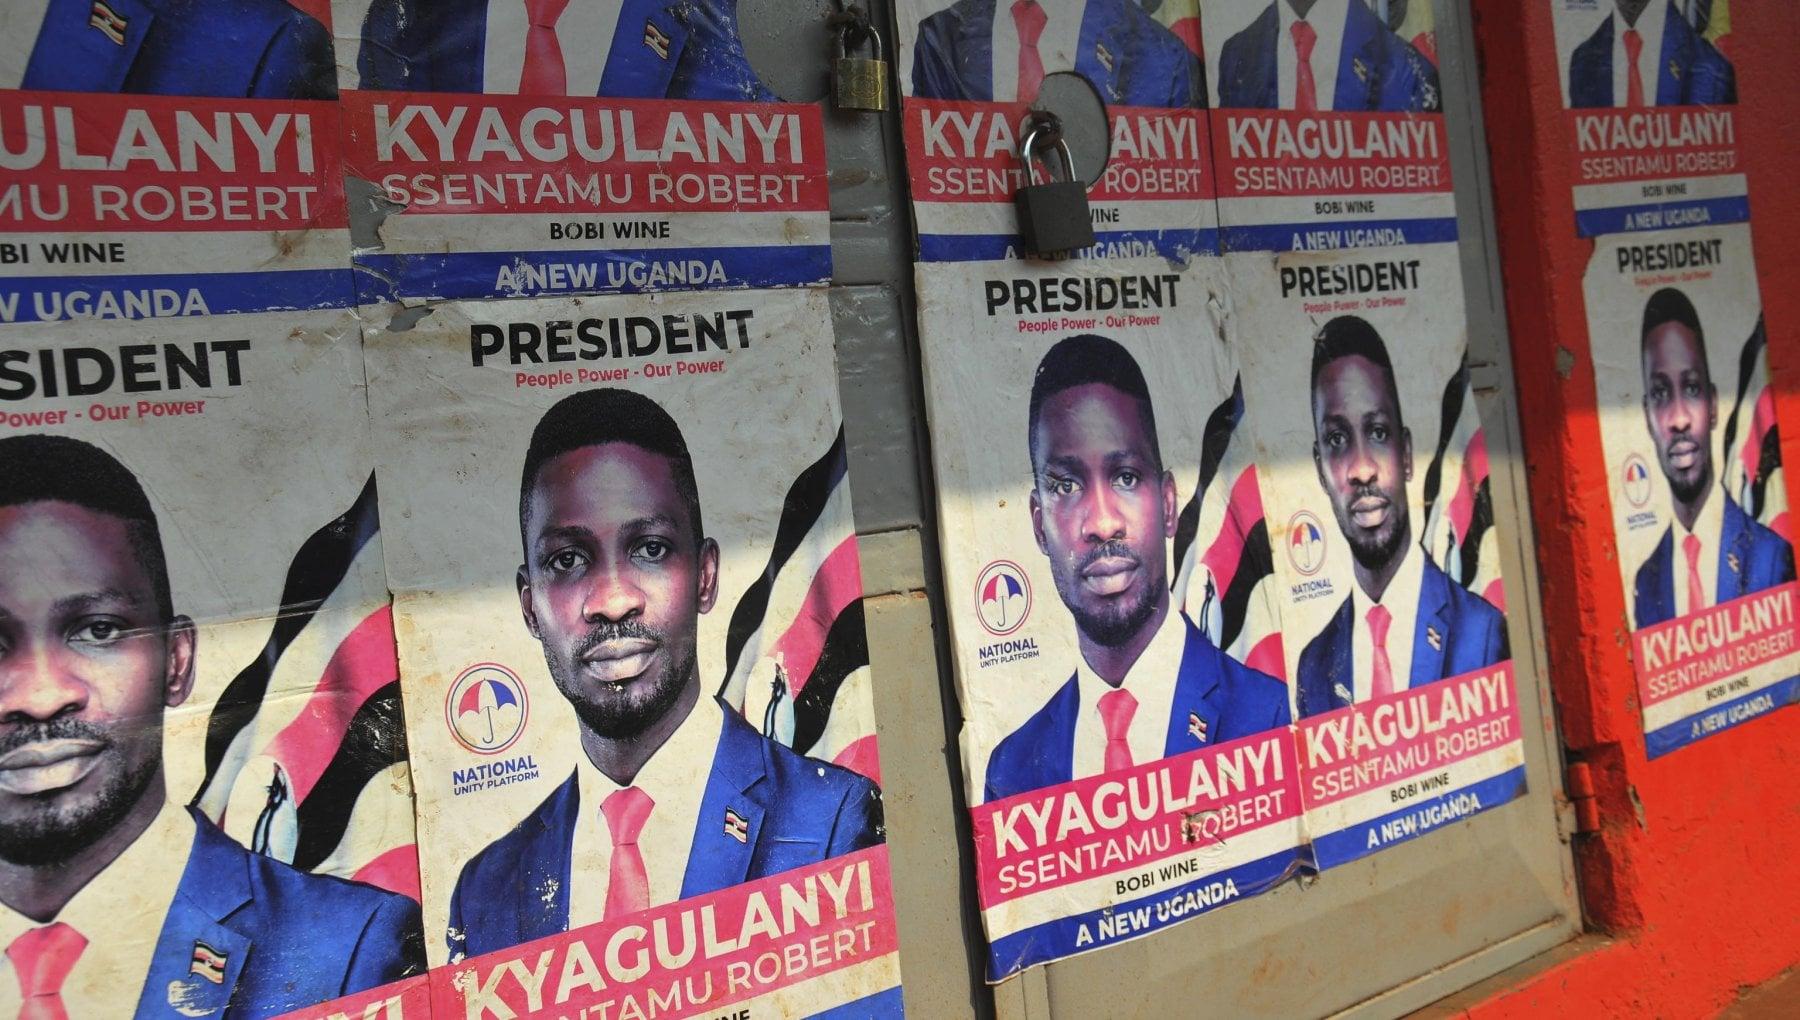 """212603988 f1a98100 5c7d 44b4 80a8 d4018688b102 - Il rapper Bobi Wine, candidato alle presidenziali ugandesi: """"Lotto per il ghetto oppresso da 35 anni"""""""